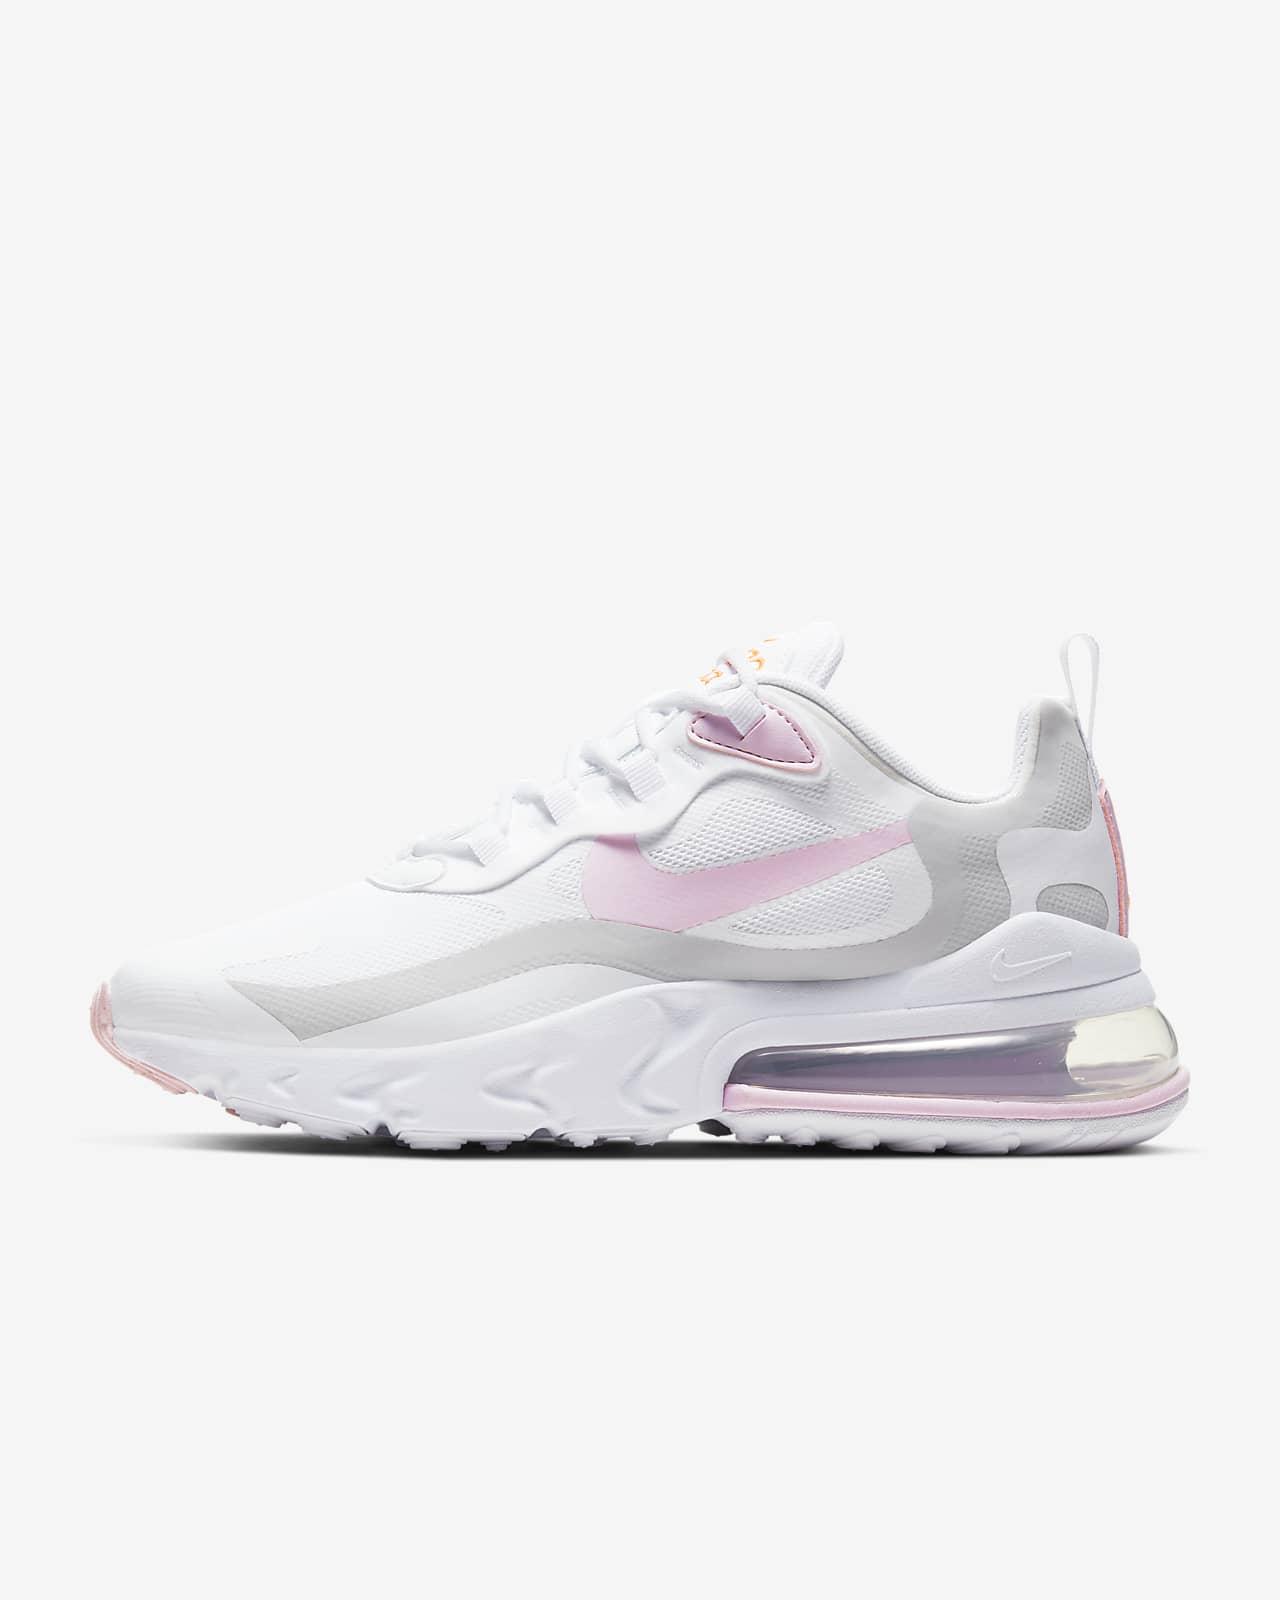 Chaussure Nike Air Max 270 React pour Femme